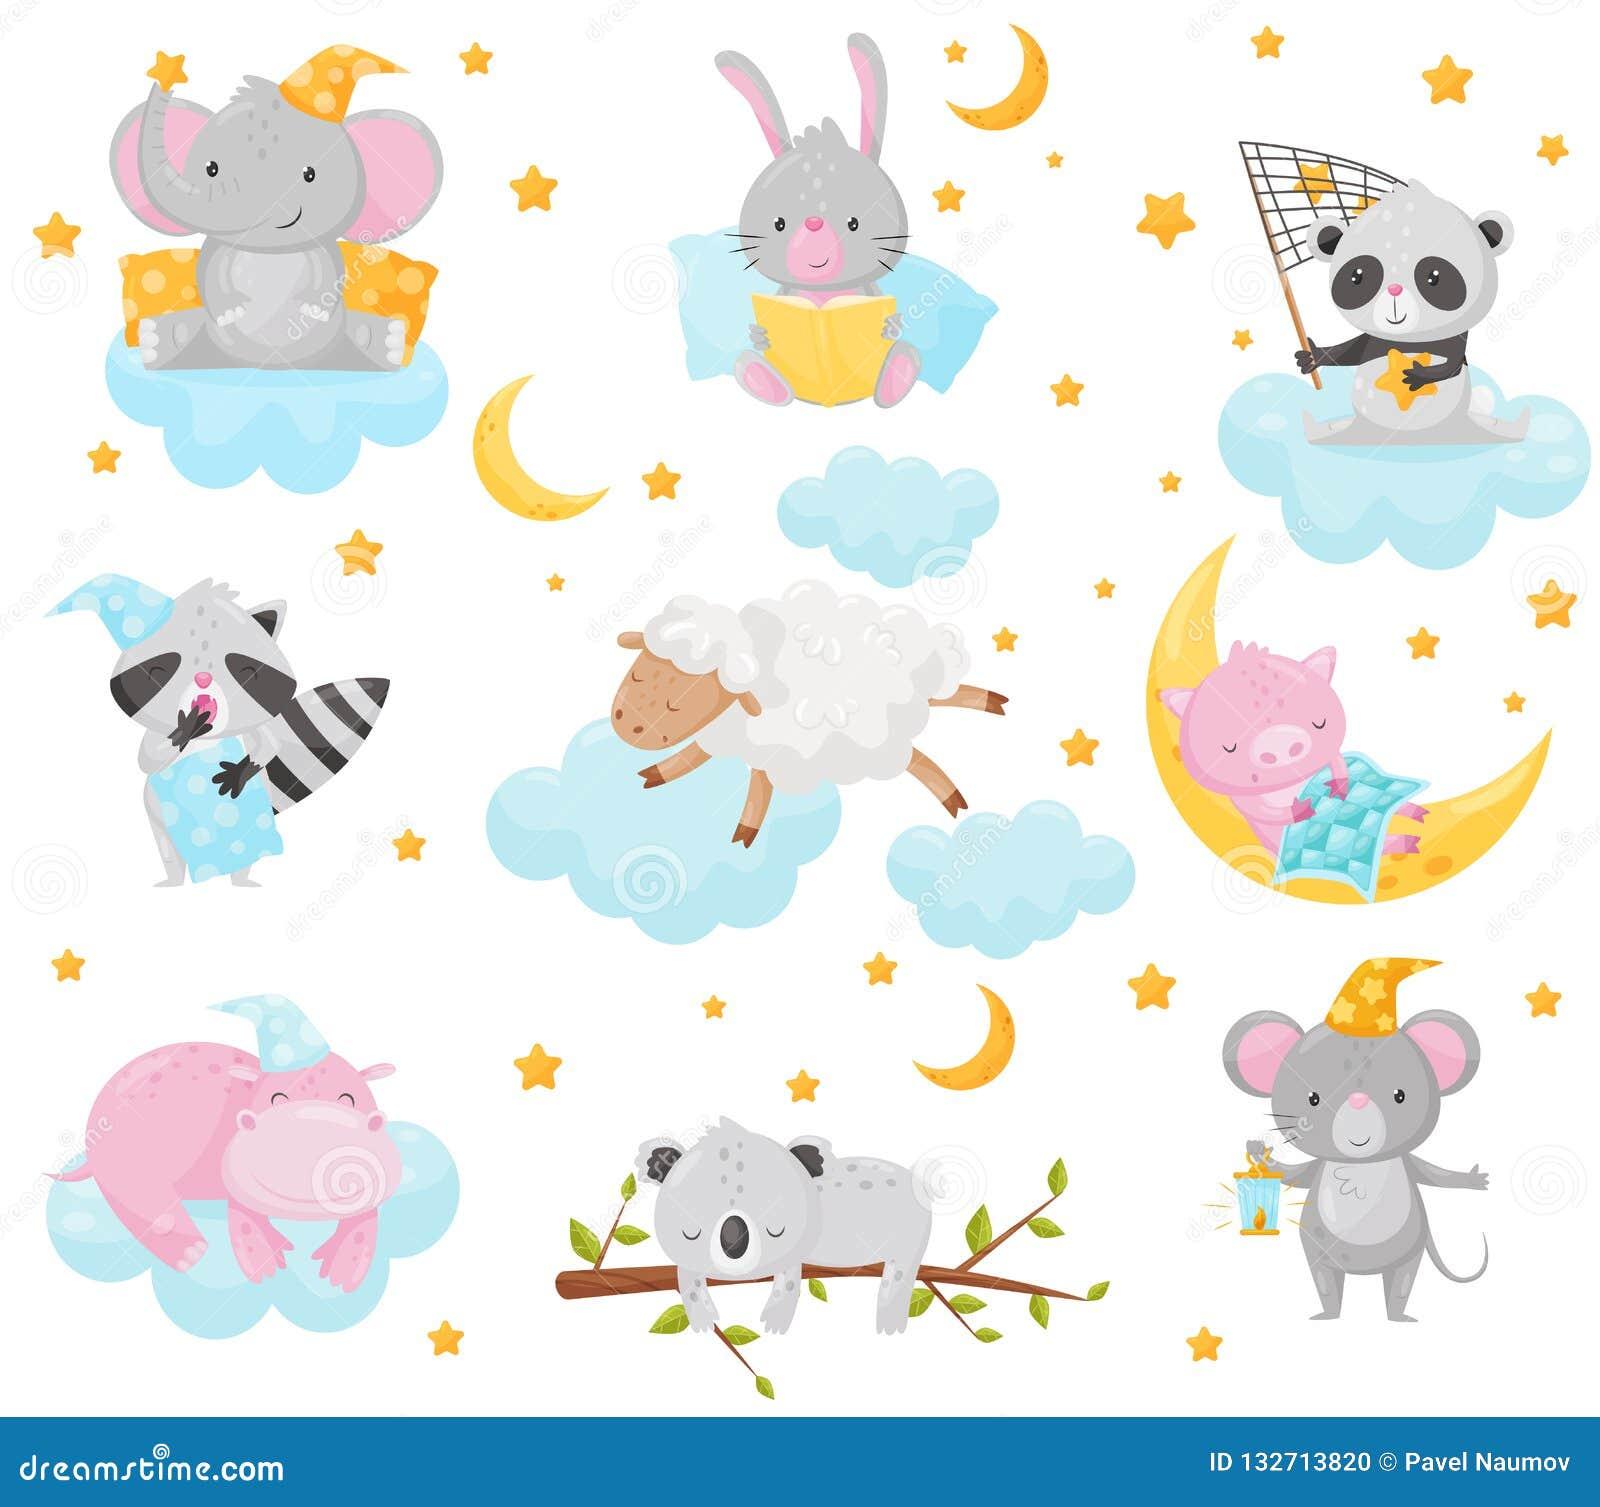 Χαριτωμένα μικρά ζώα που κοιμούνται κάτω από ένα έναστρο σύνολο ουρανού, καλός ελέφαντας, λαγουδάκι, panda, ρακούν, πρόβατα, χοιρ